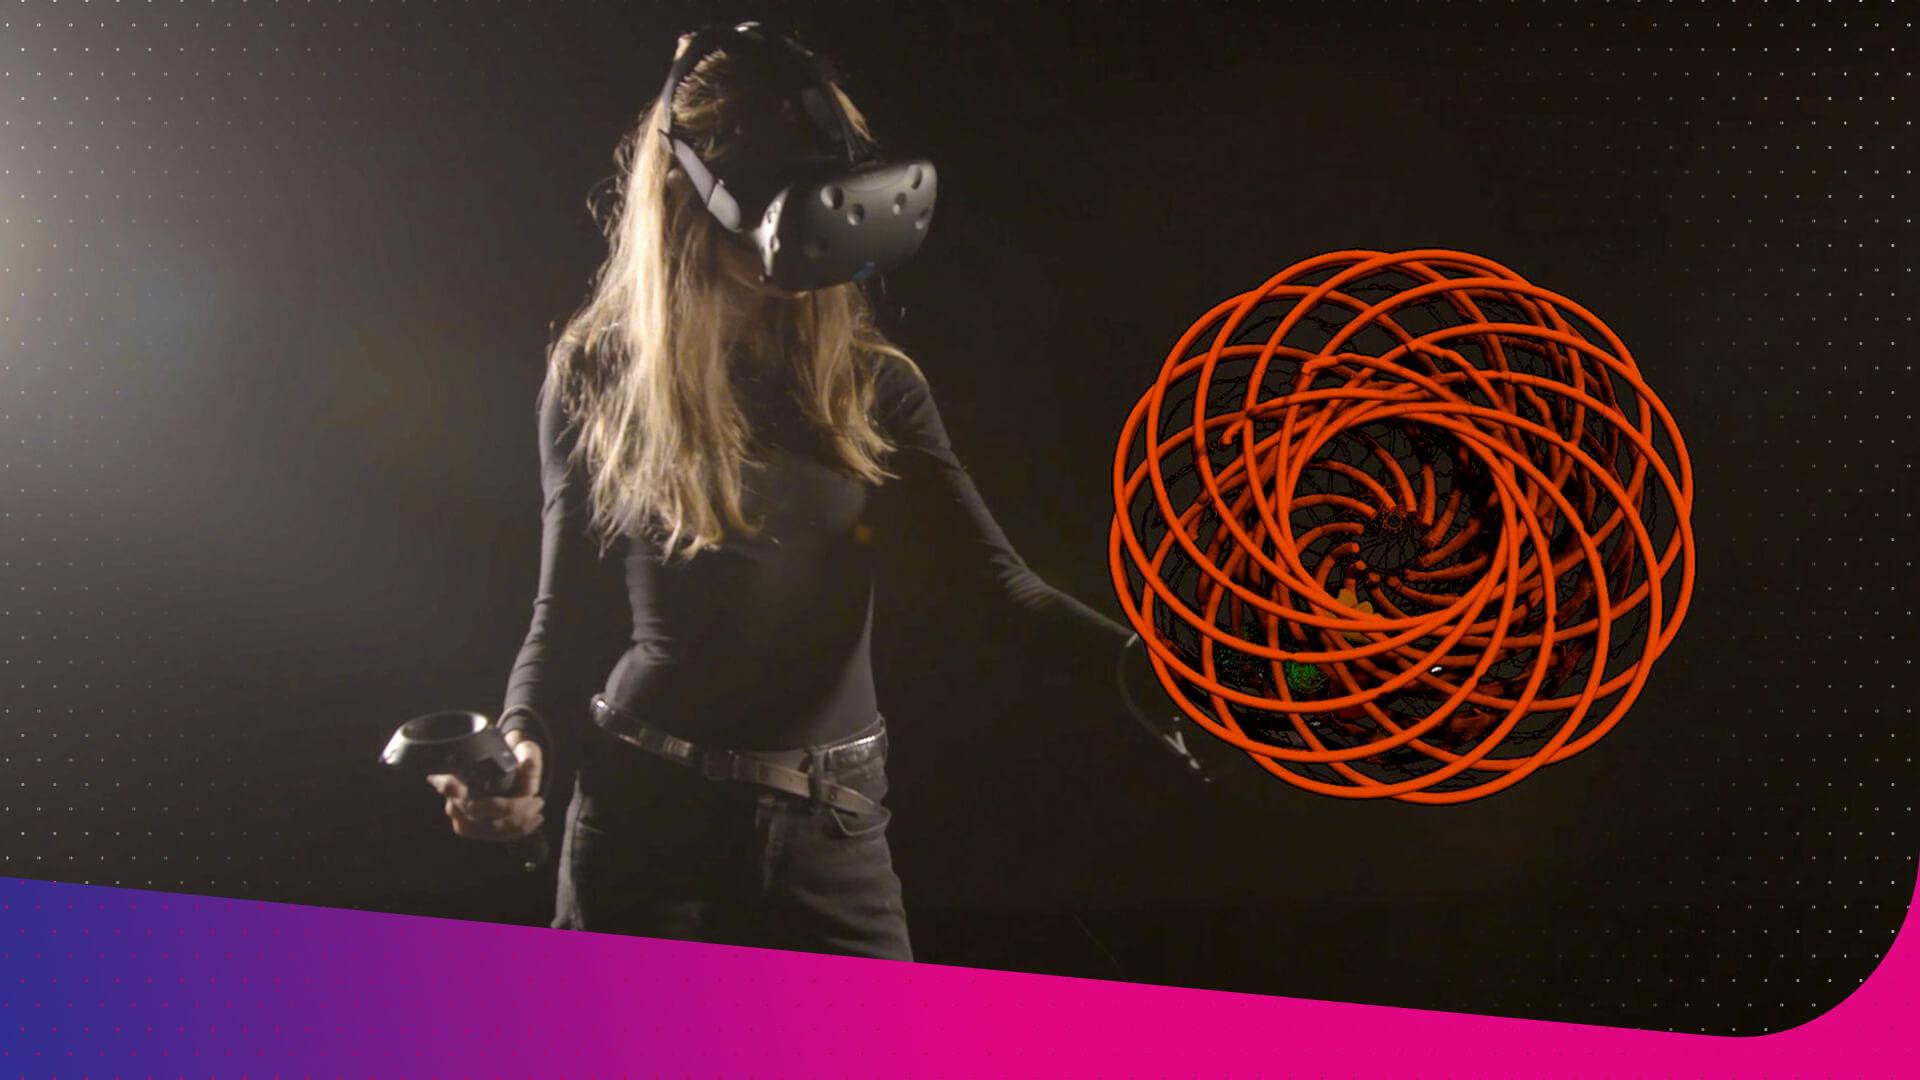 benefici-realtà-virtuale-keiron